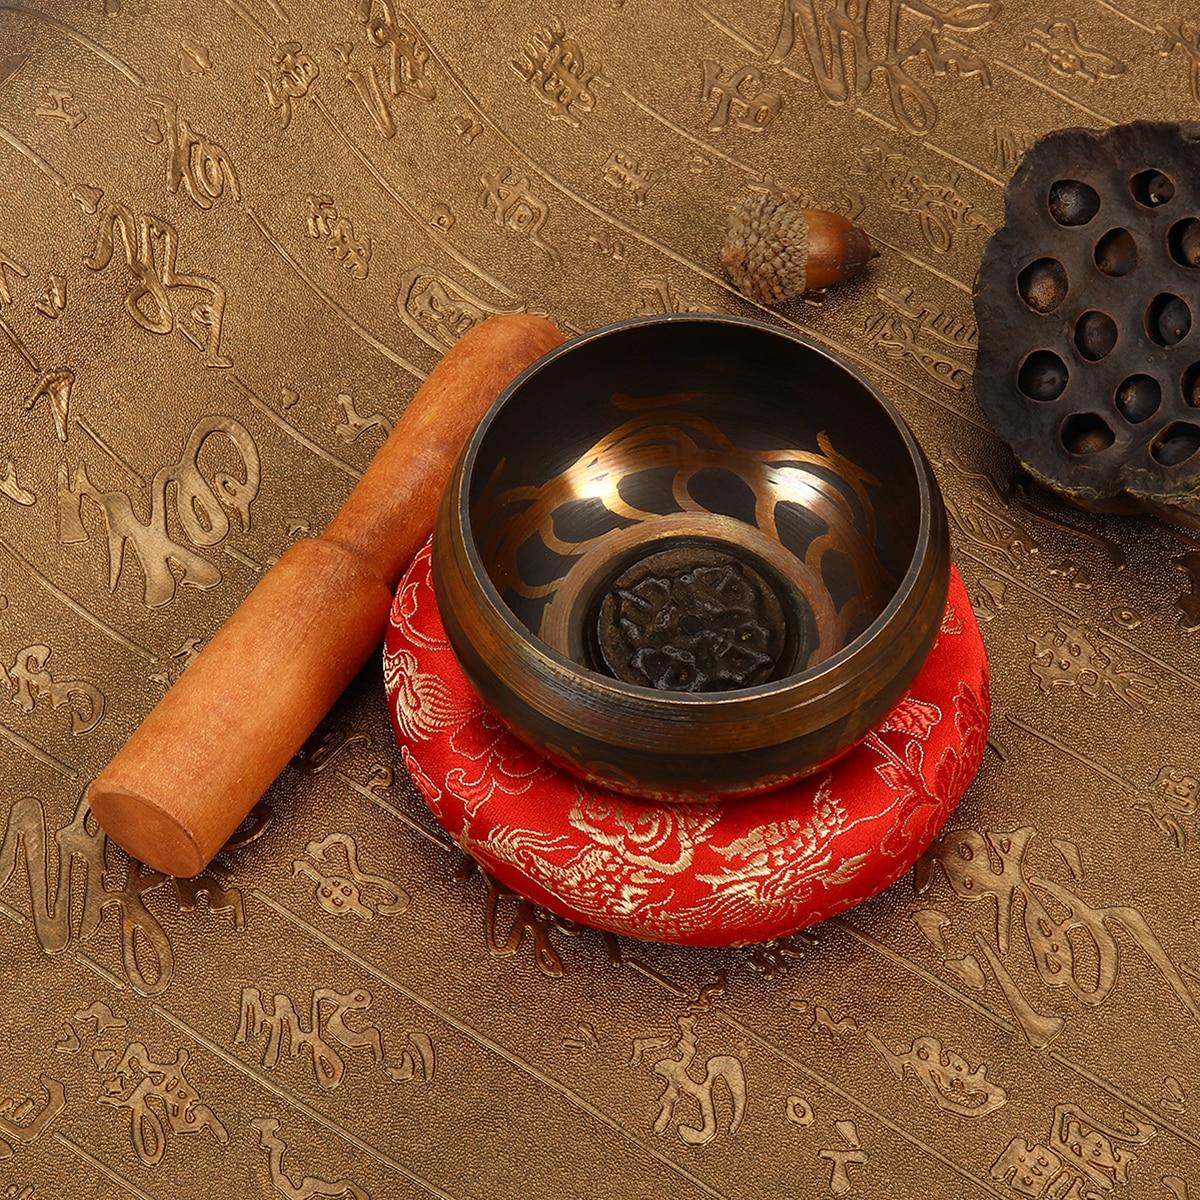 8 cm Main Martelé Chakra Chantants Tibétains Bowl Set Bois Autocollant Rouge Tapis pour La Méditation De Yoga Bouddhisme Cadeaux Décor À La Maison artisanat